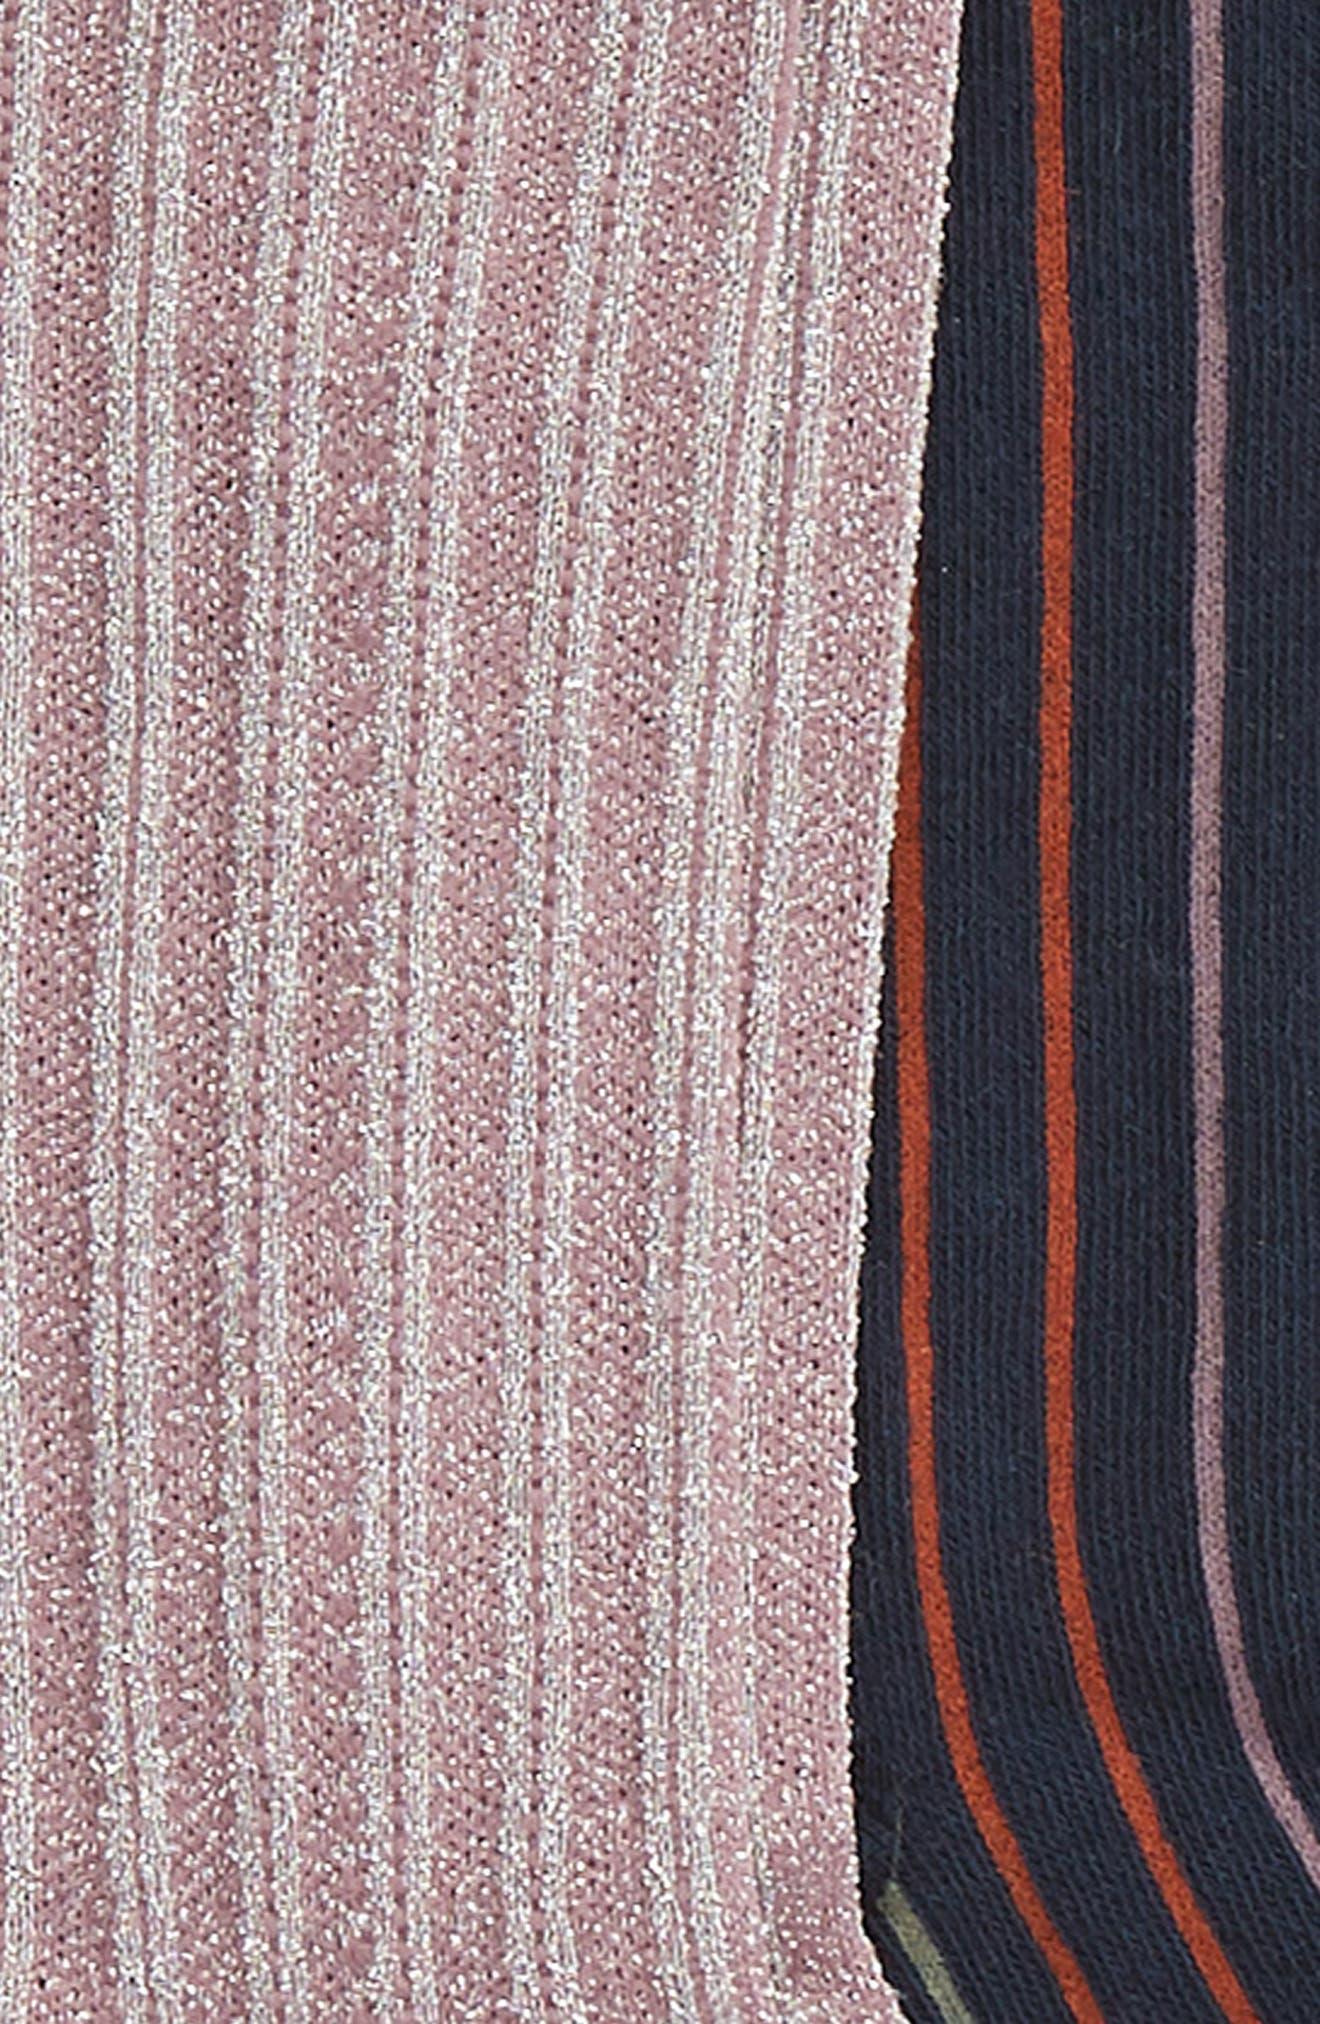 2-Pack Vertical Stripe Crew Socks,                             Alternate thumbnail 2, color,                             NAVY MARITIME MULTI